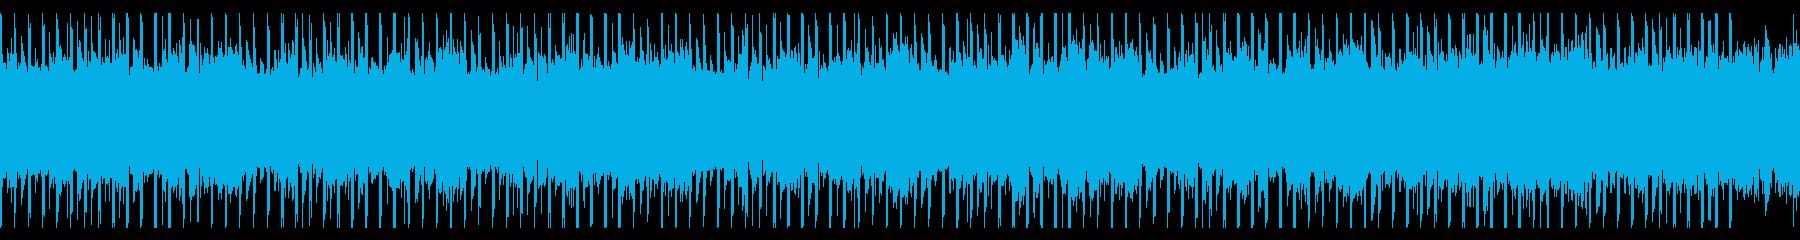 やる気を起こさせる(ループ)の再生済みの波形